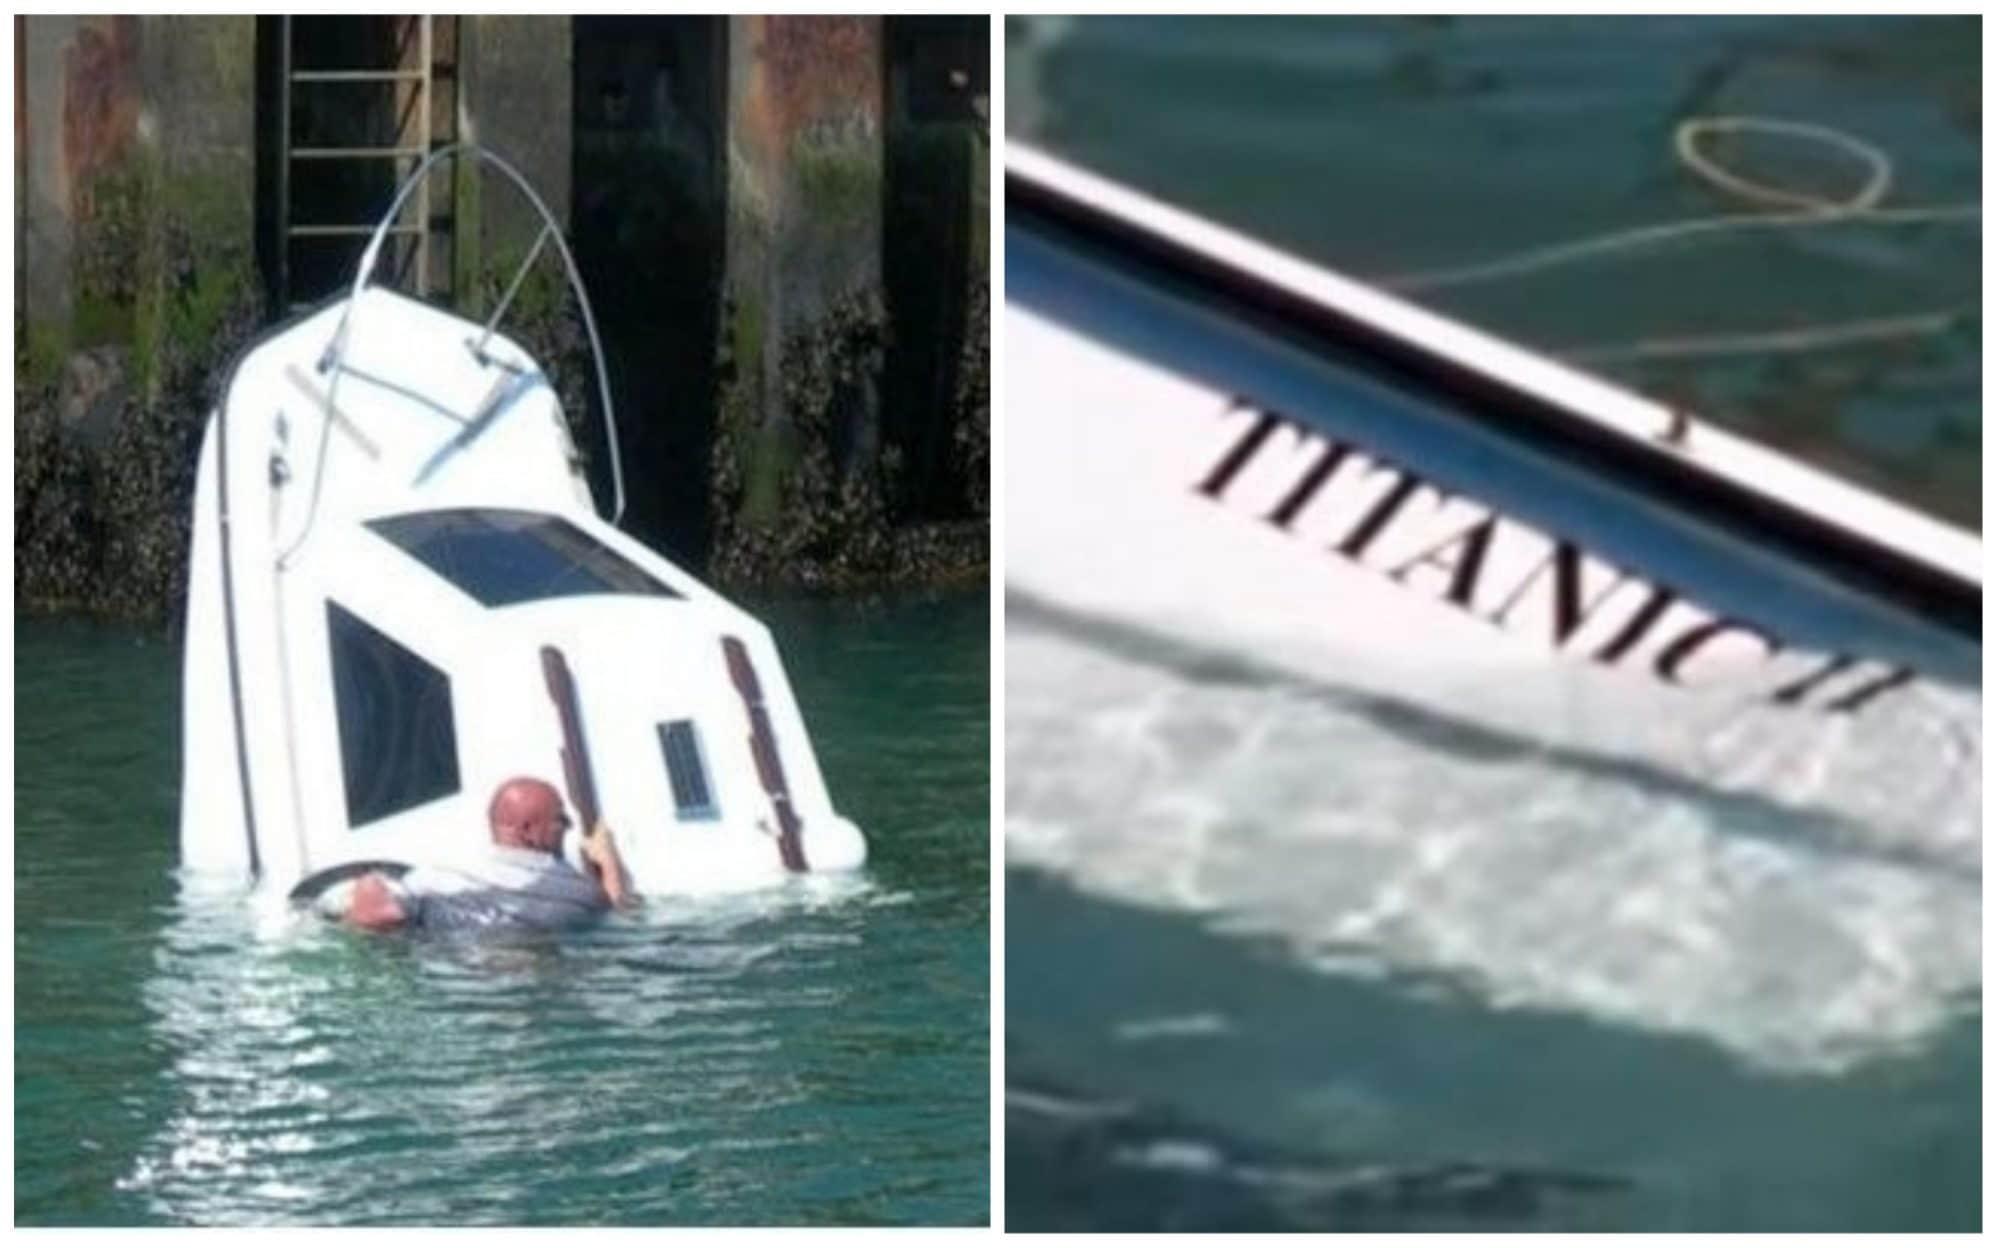 25 самых странных и смешных названий лодок, мимо которых без улыбки не пройти! 25